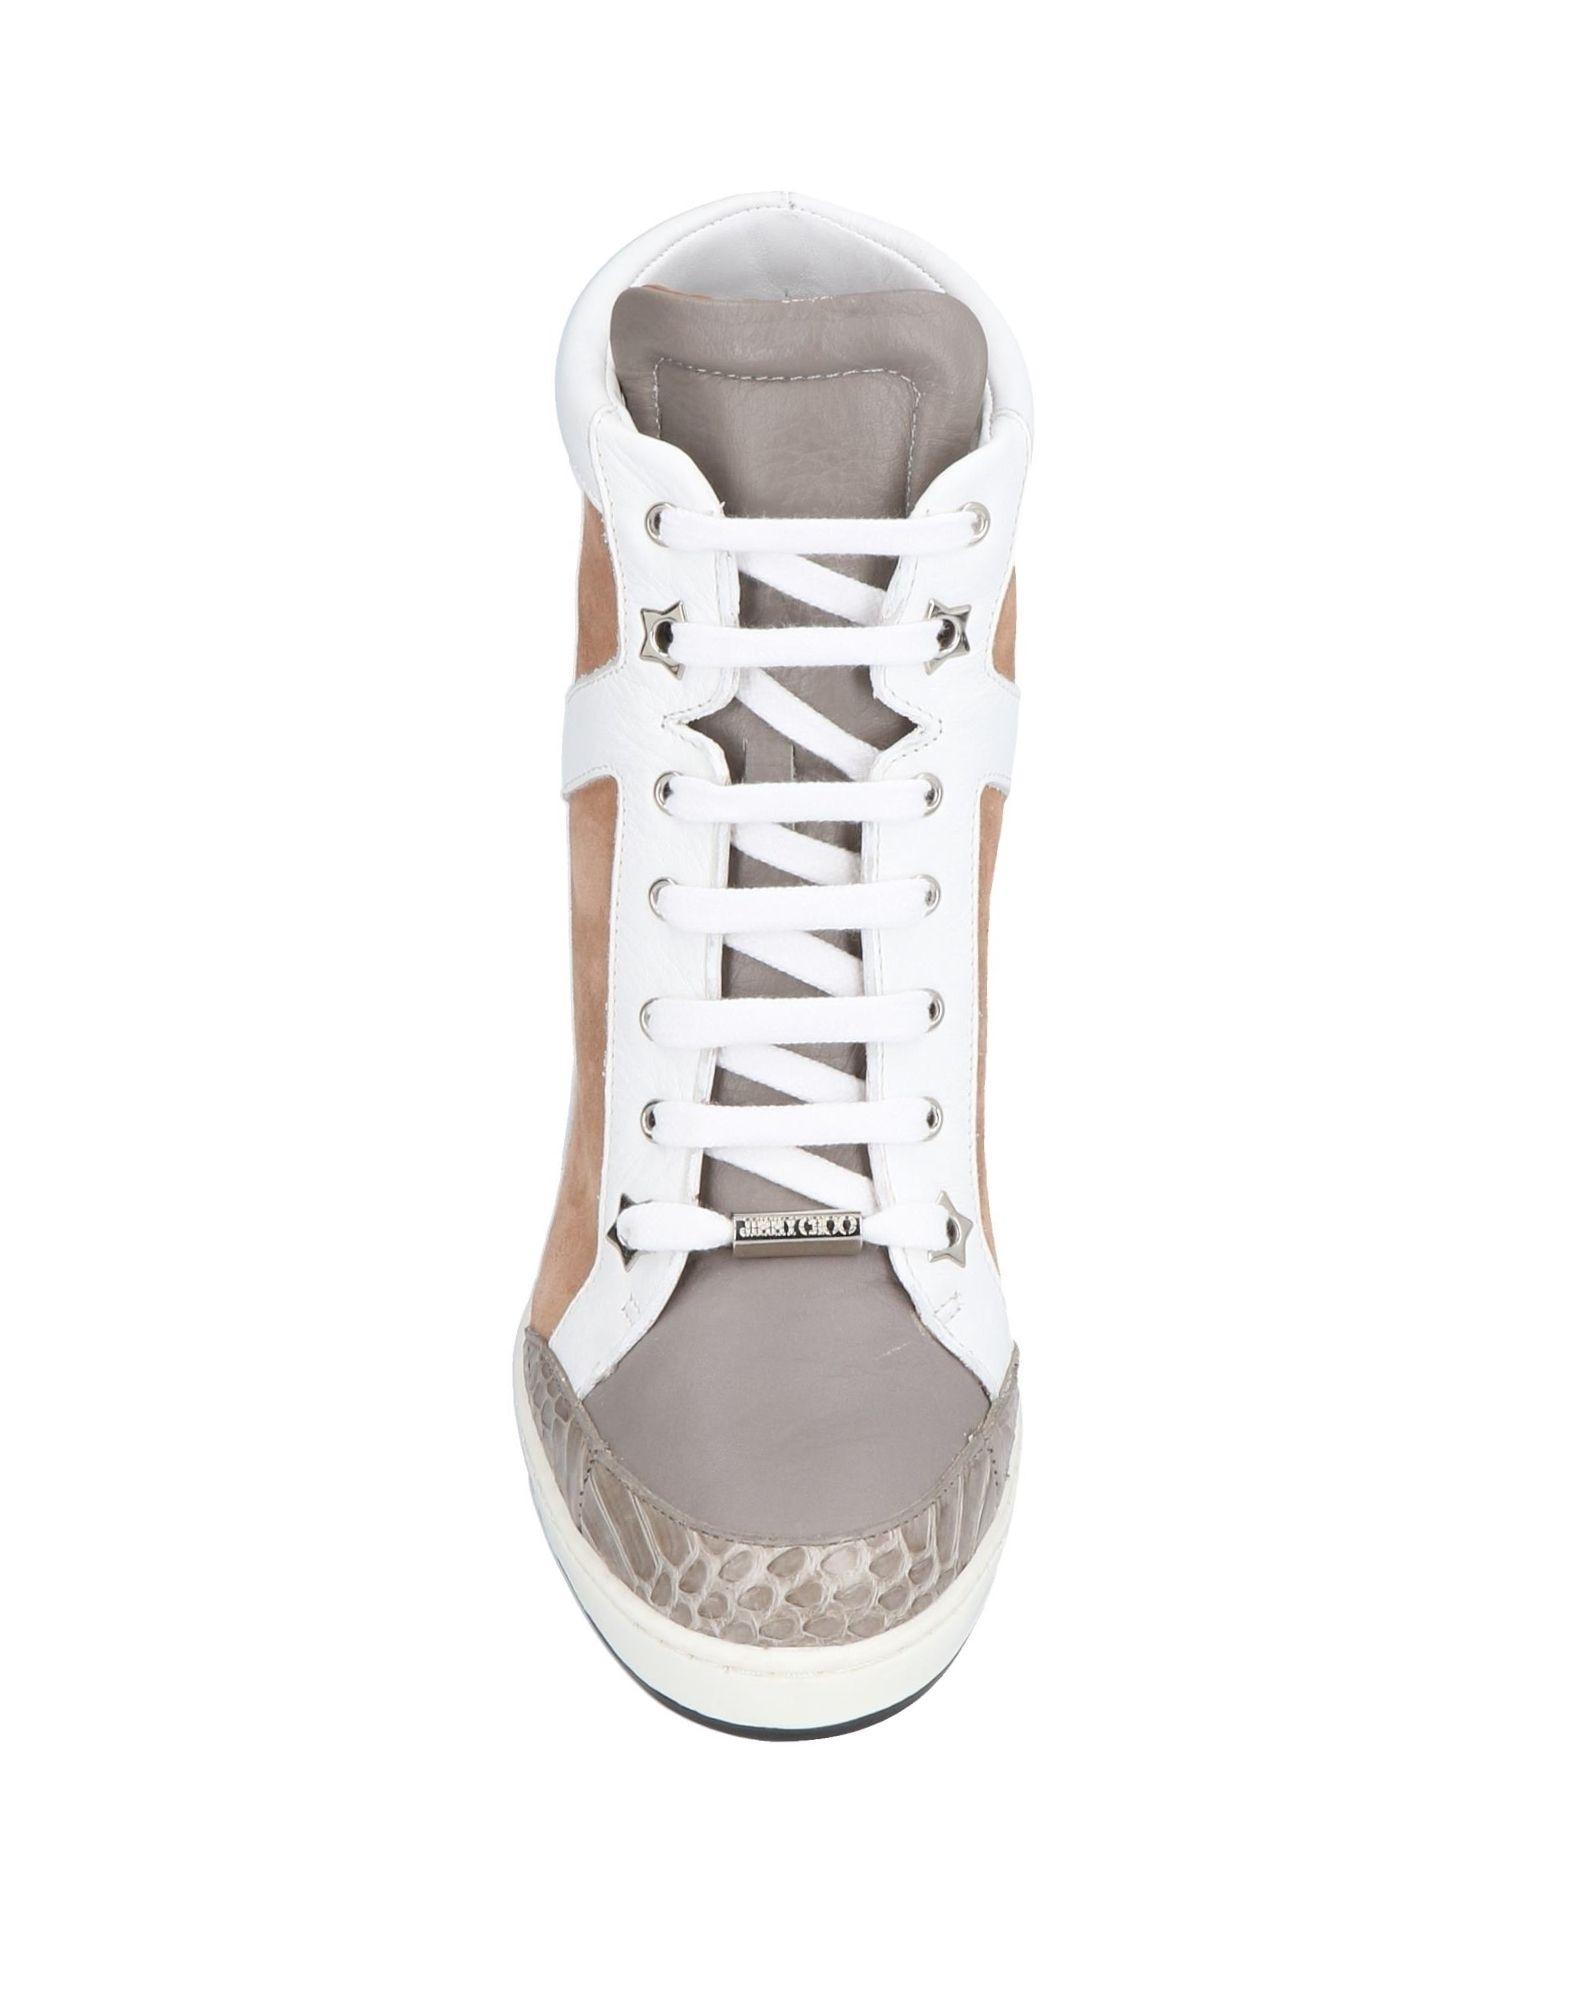 Jimmy Choo Sneakers Damen Damen Sneakers  11484432MO Beliebte Schuhe e71c37